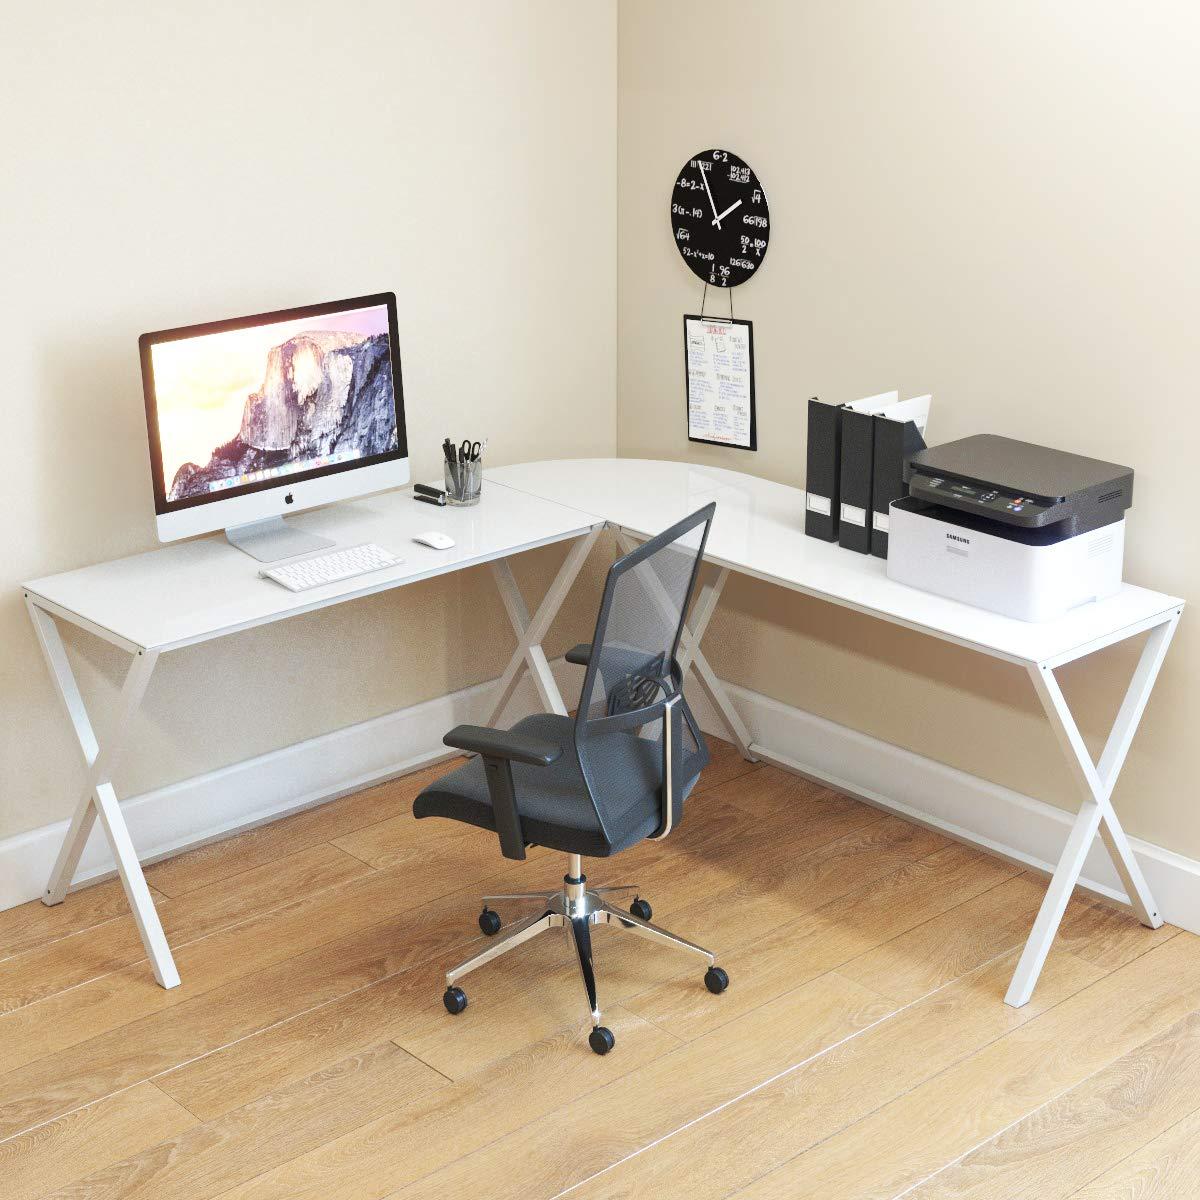 Keeling X Frame Computer Desk White Frame and White Glass